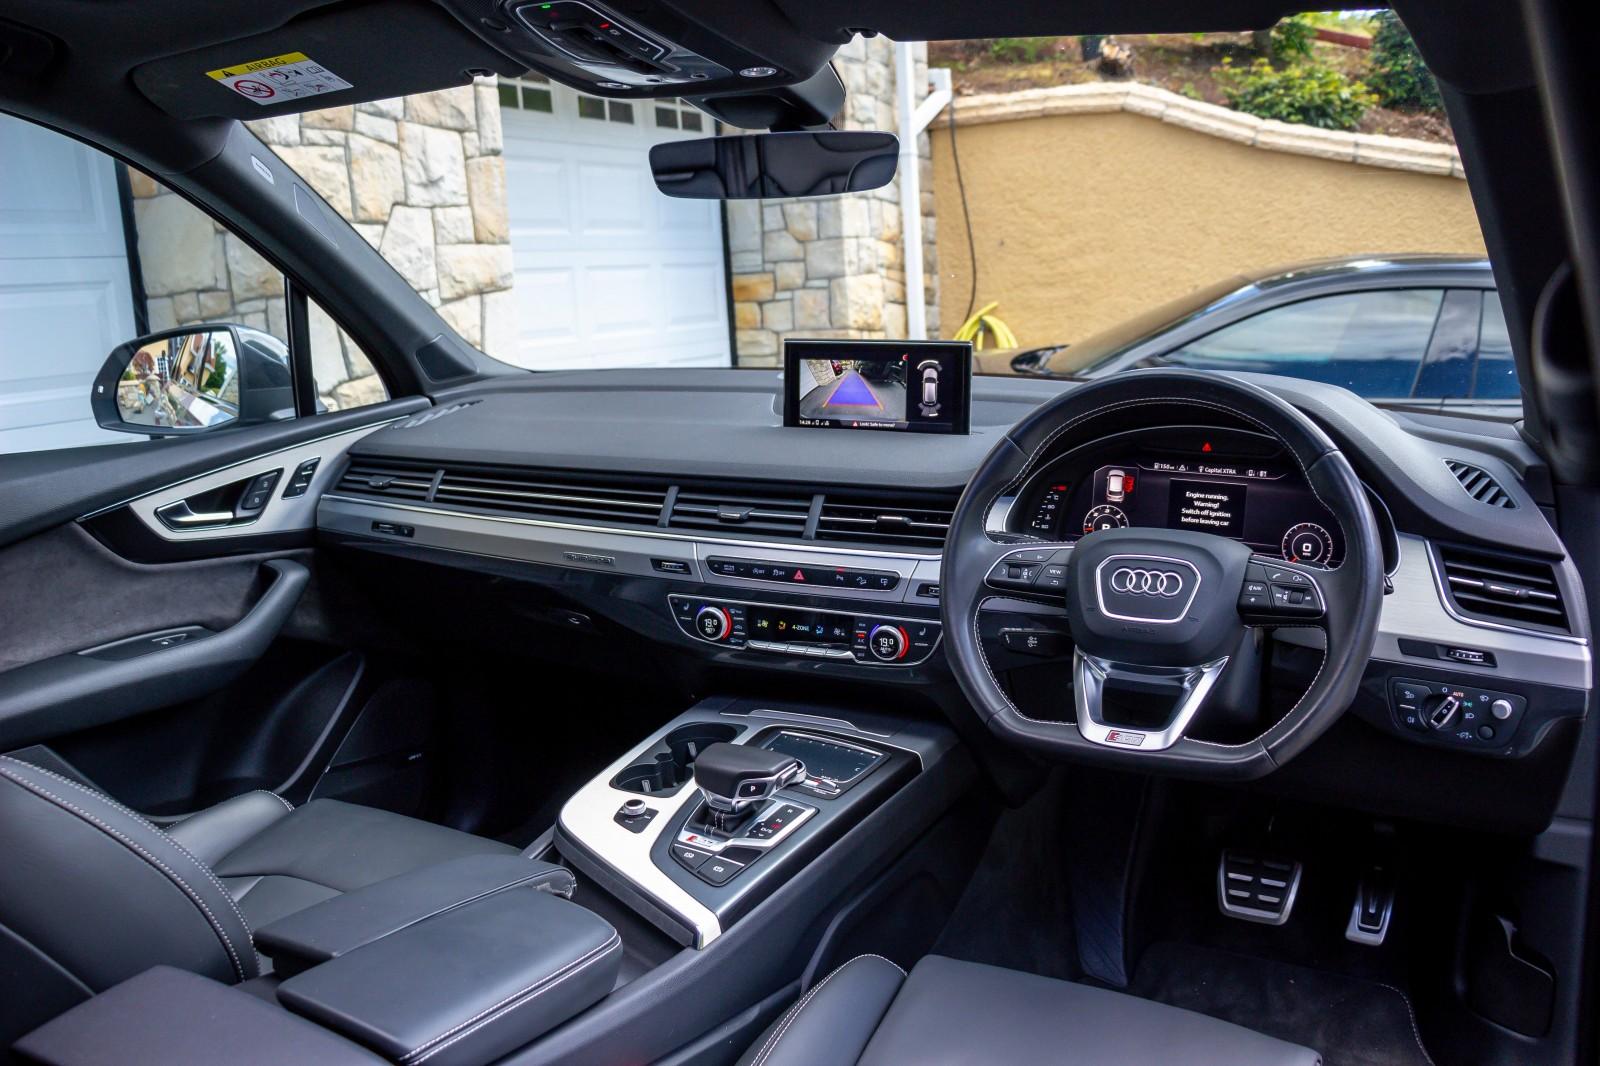 2017 Audi Q7 SQ7 4.0 TDI QUATTRO Diesel Automatic – Morgan Cars 9 Mound Road, Warrenpoint, Newry BT34 3LW, UK full